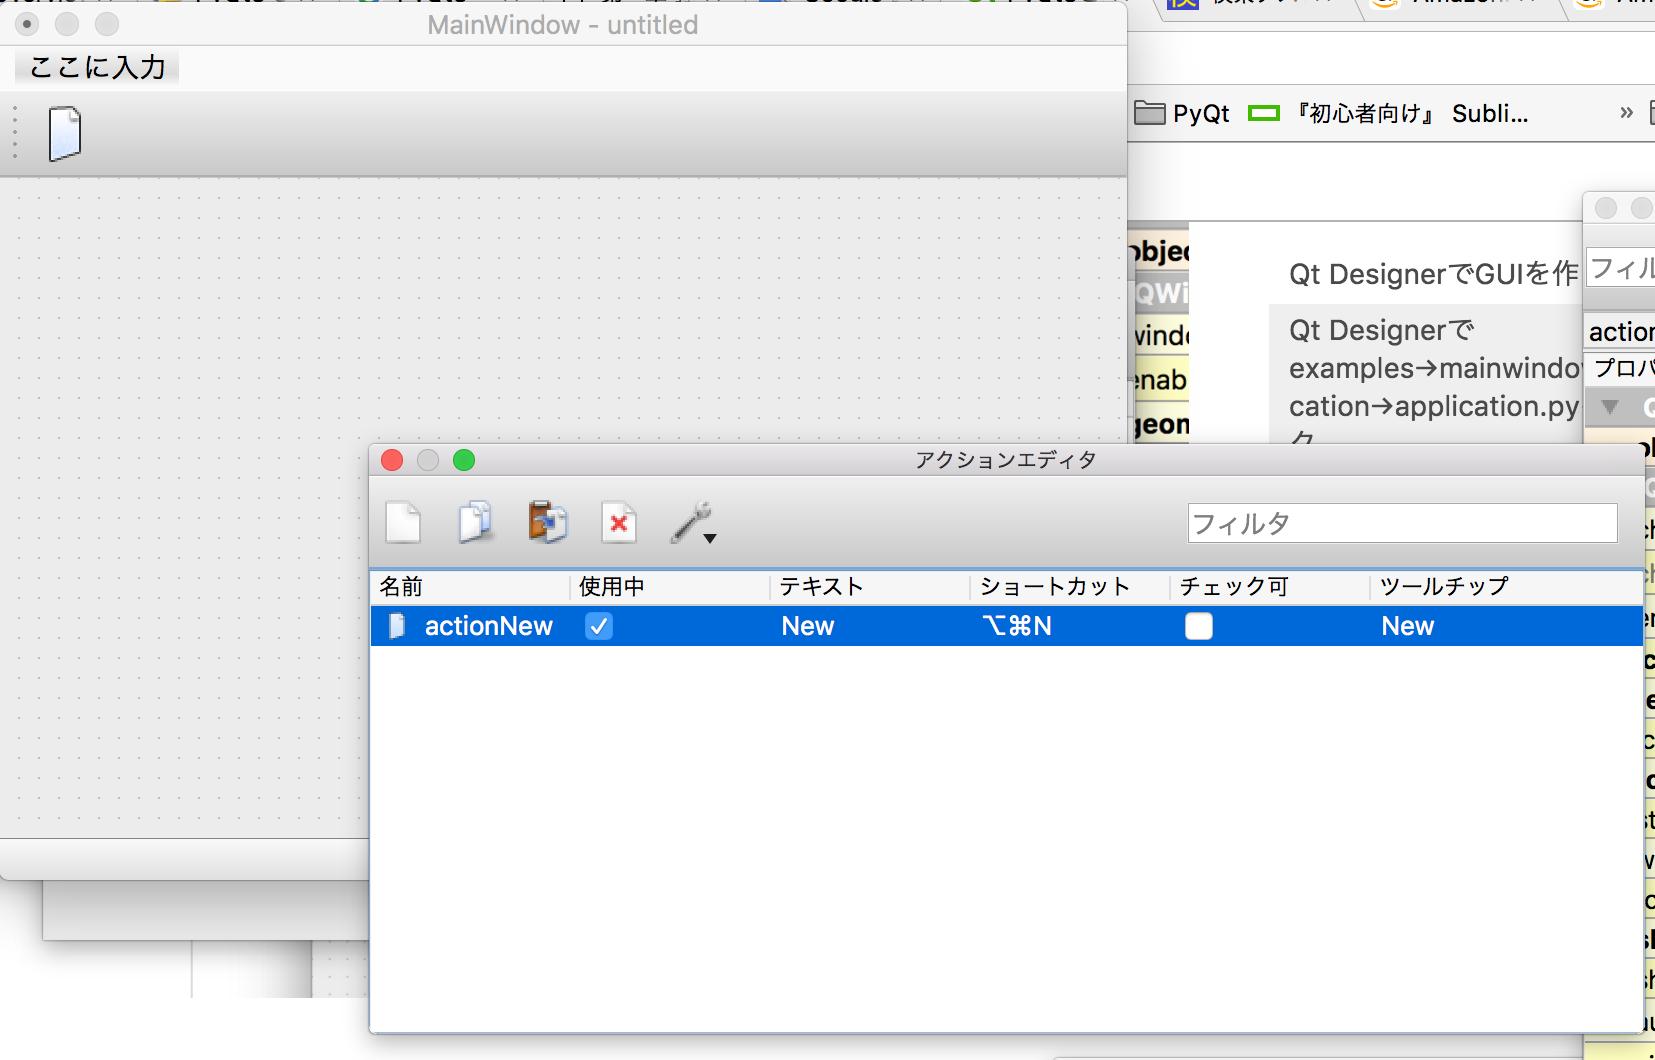 PyQt5とpython3によるGUIプログラミング[6] - Qiita